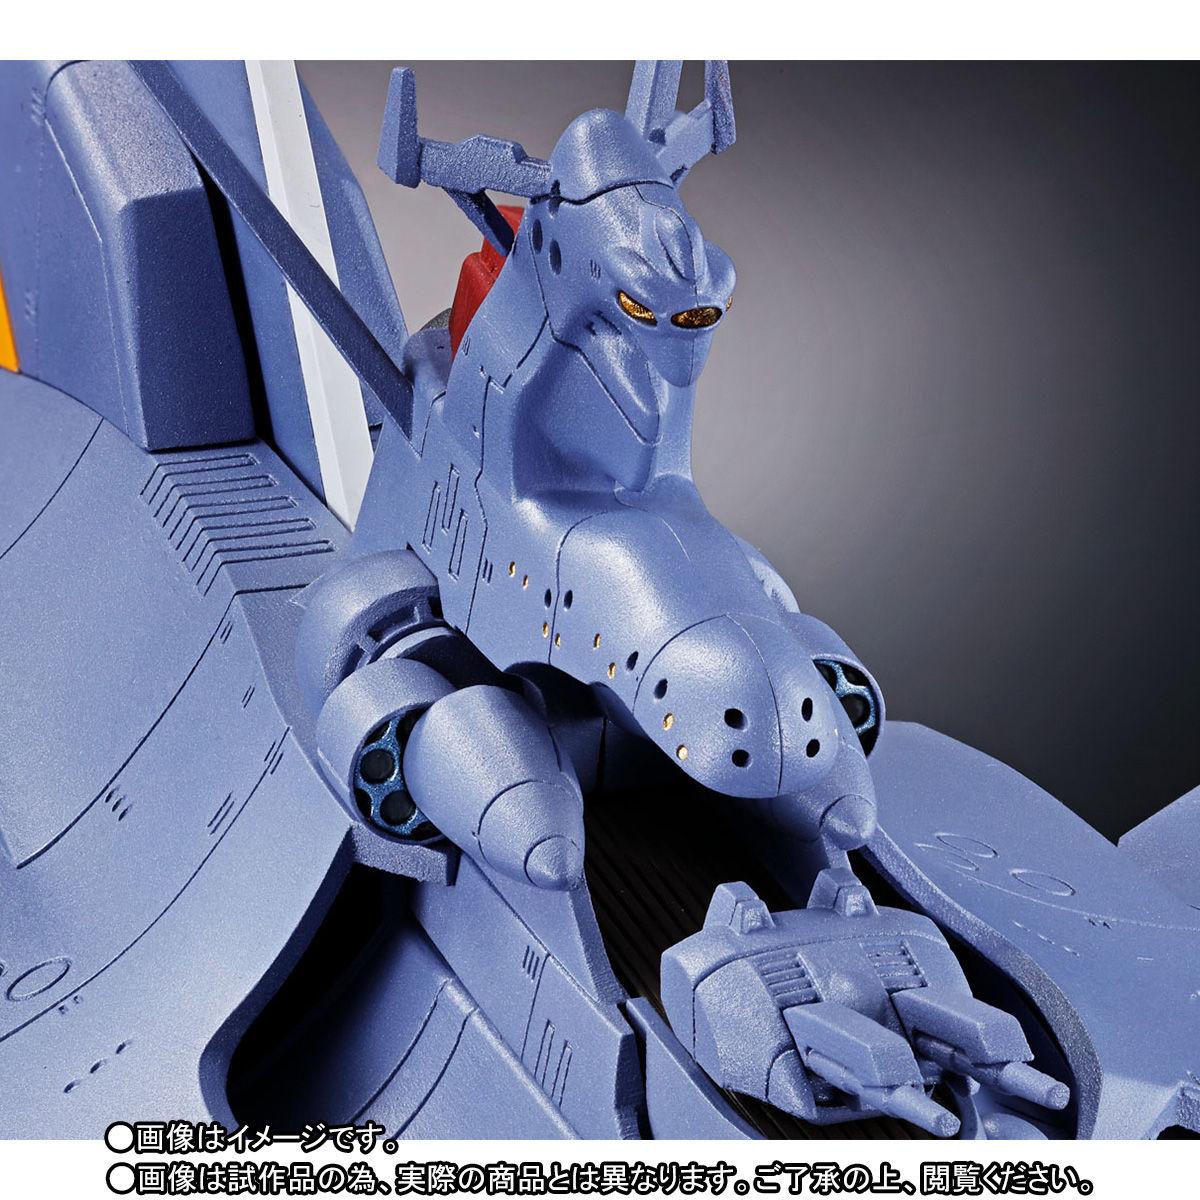 超合金魂 GX-80 万能戦艦 Ν-ノーチラス号(通常版)-010